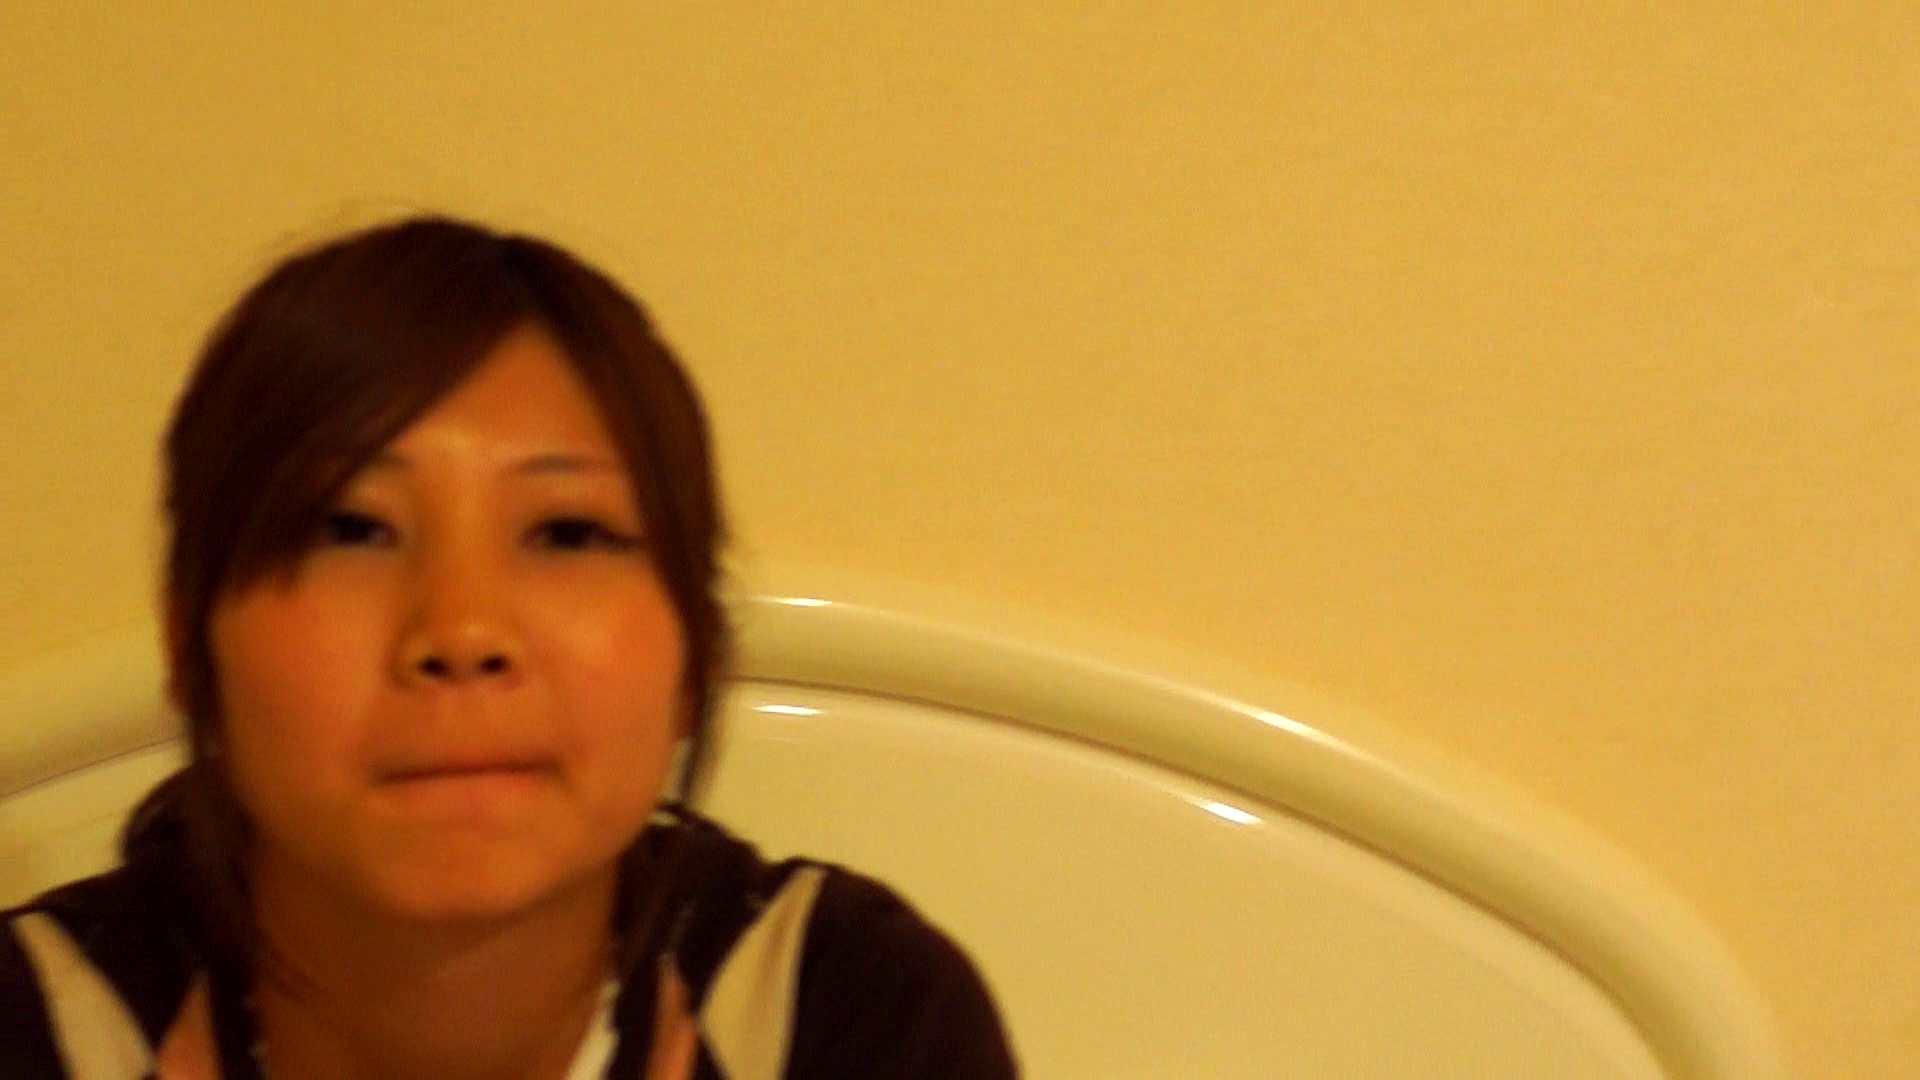 vol.13 瑞希ちゃんにバナナを舐めてもらいました。 OLのボディ  57PIX 24